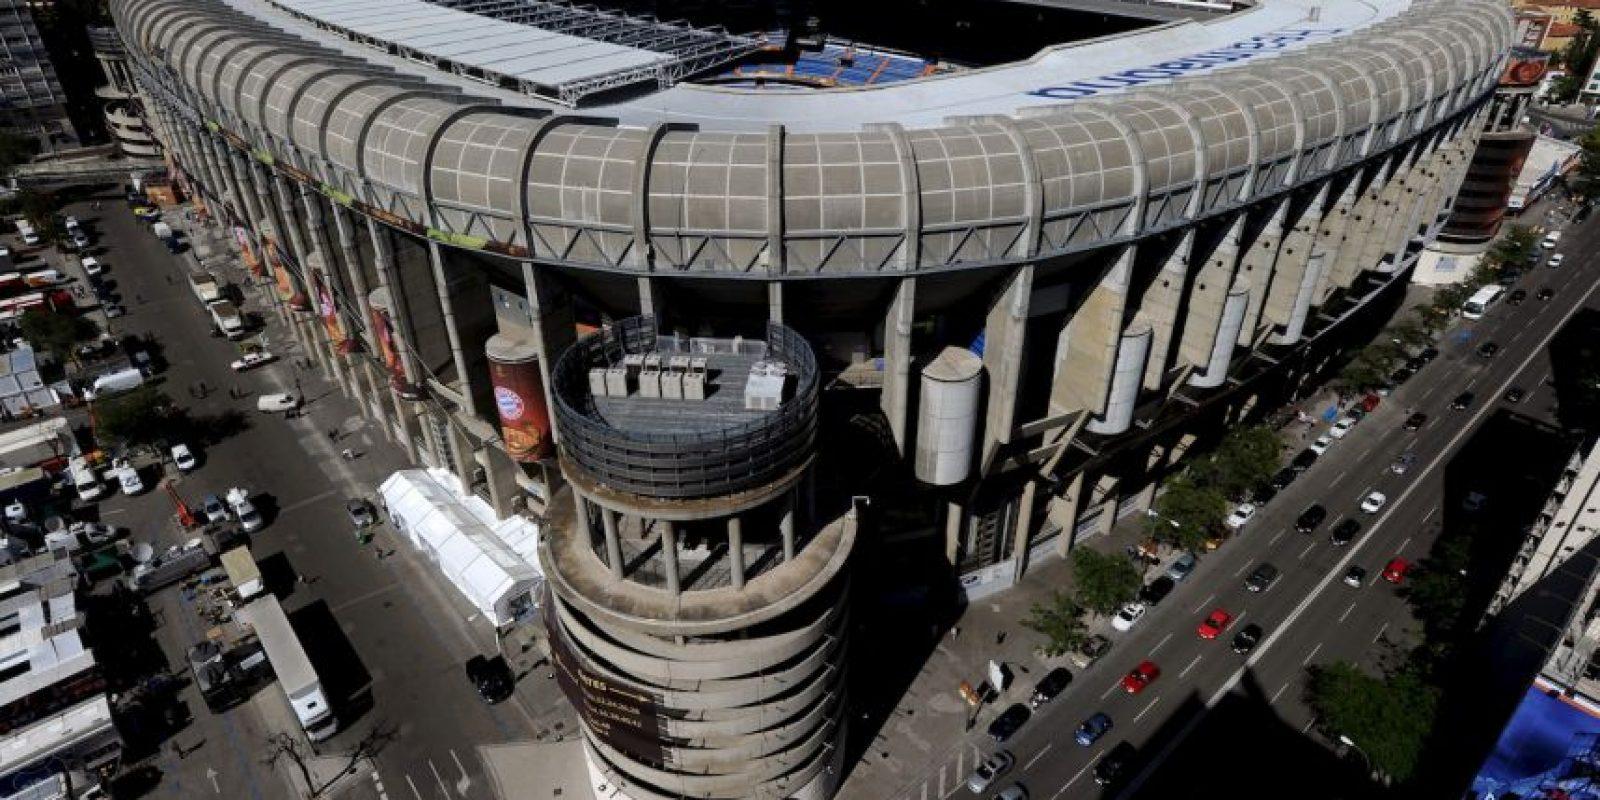 """En 2007 recibió la máxima distinción de la UEFA, la de un """"estadio élite"""" y durante toda su historia ha sido testigo del ascenso del Real Madrid hasta convertirse en uno de los mejores clubes del mundo. Foto:Getty Images"""